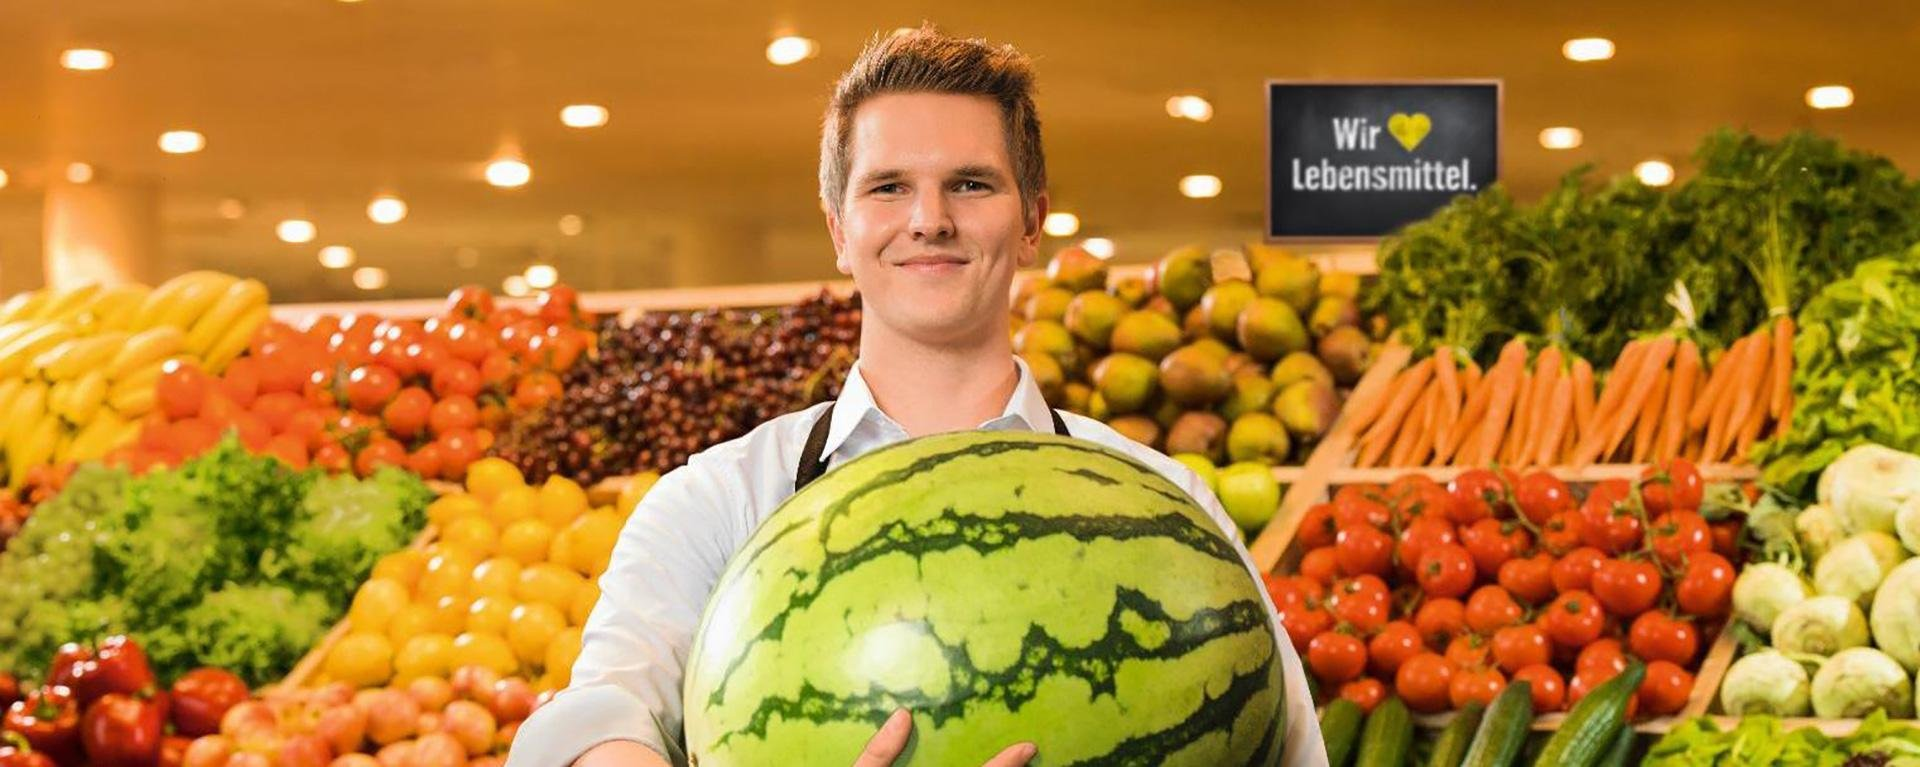 Partnersuche dusseldorf markt